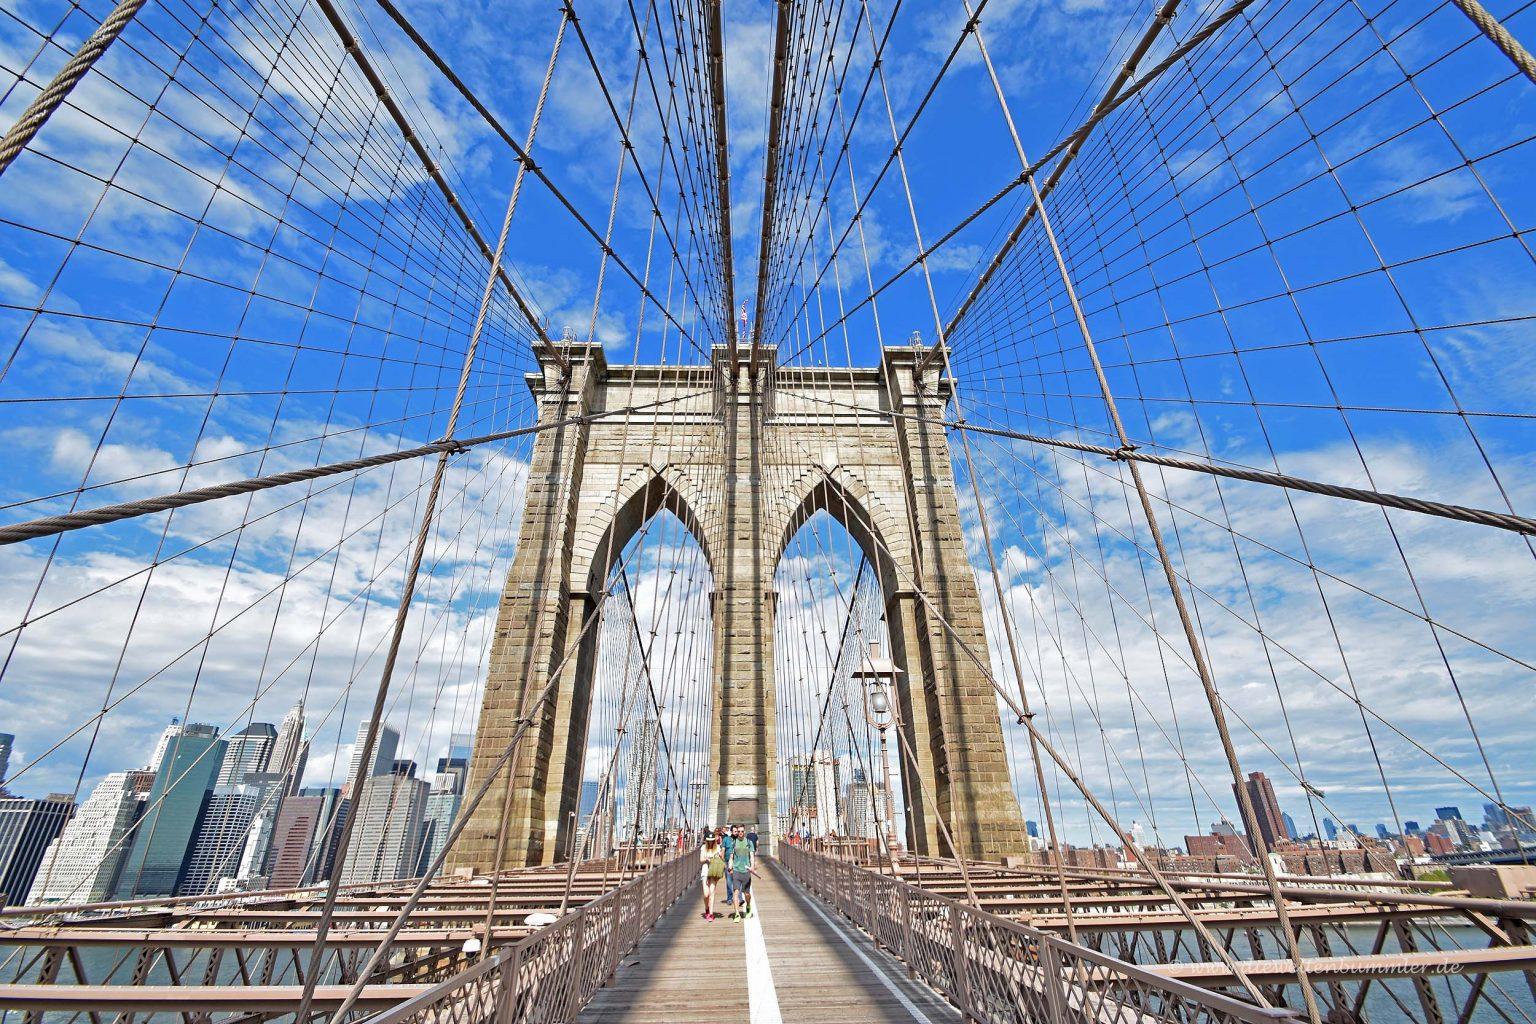 Pfeiler der Brücke